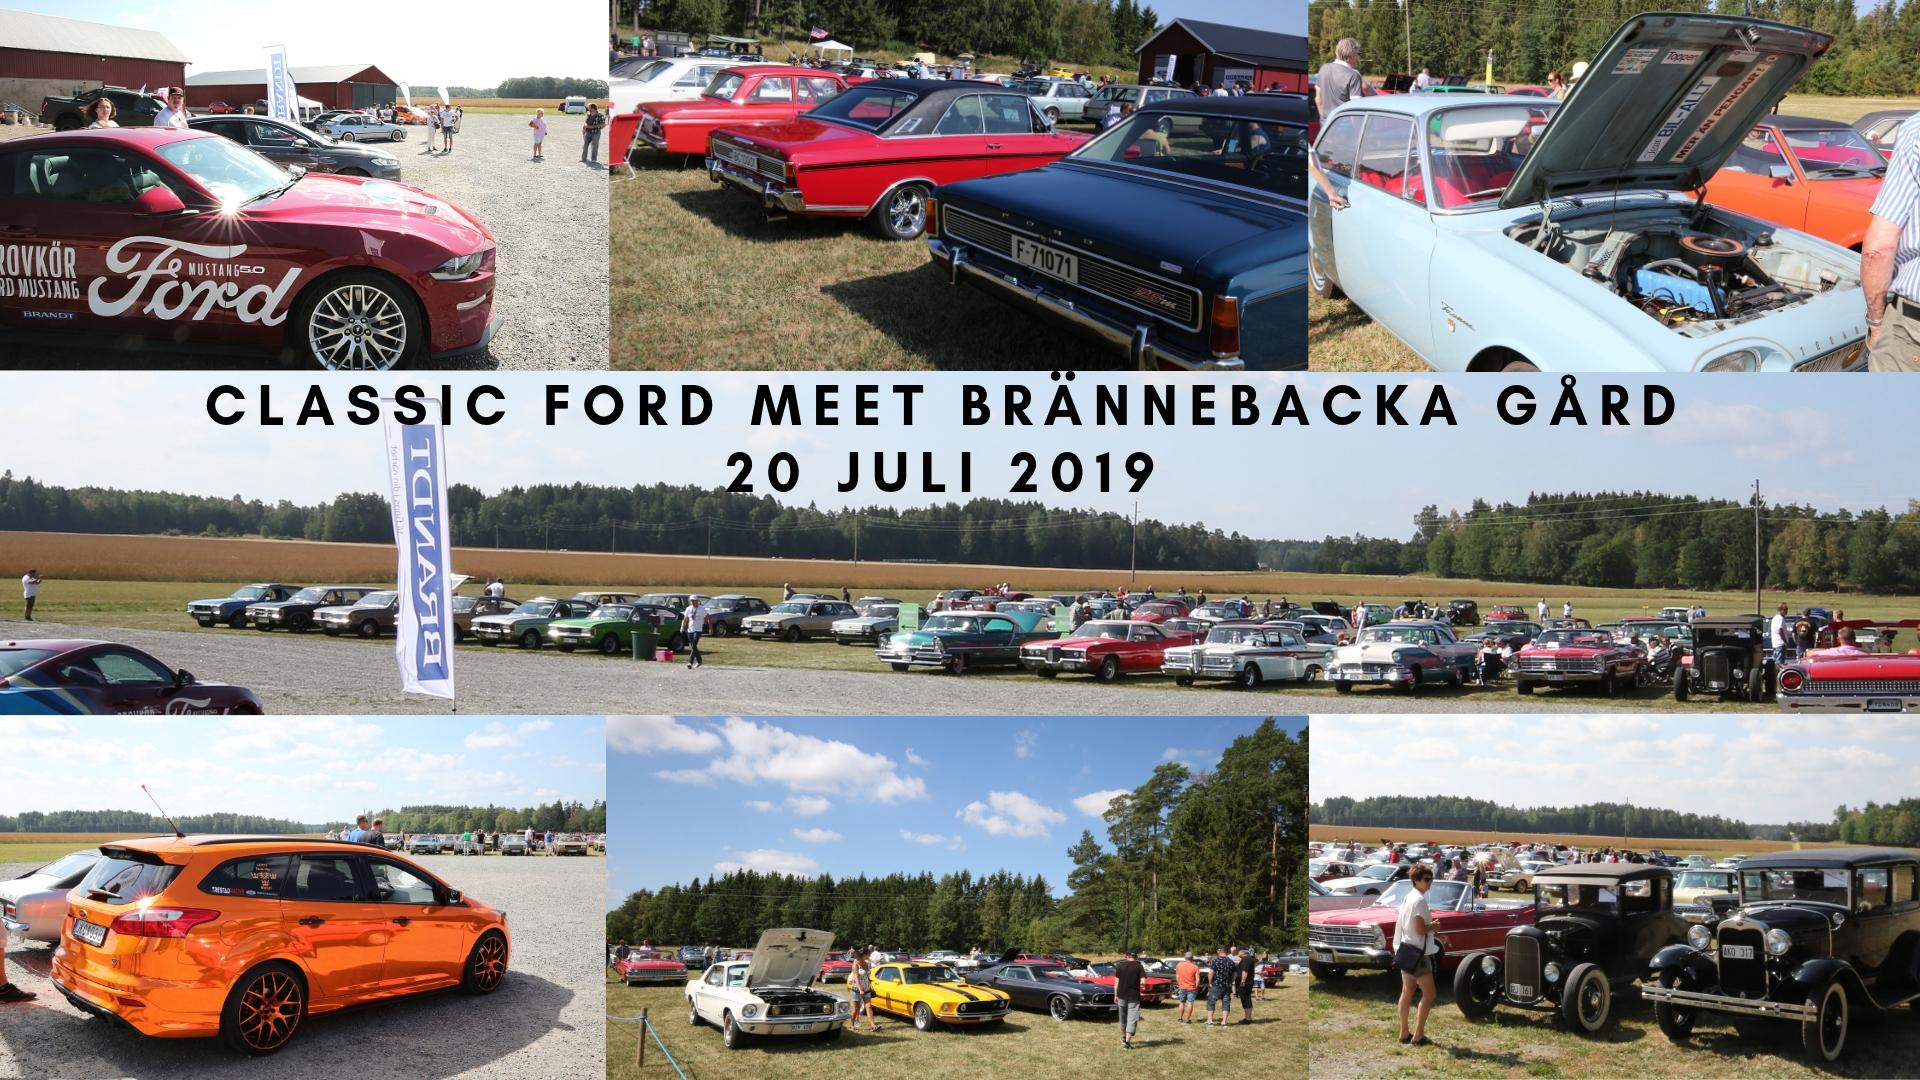 Classic FORD MEET BRÄNNEBACKA GÅRD 20 juli 2019 (1).jpg